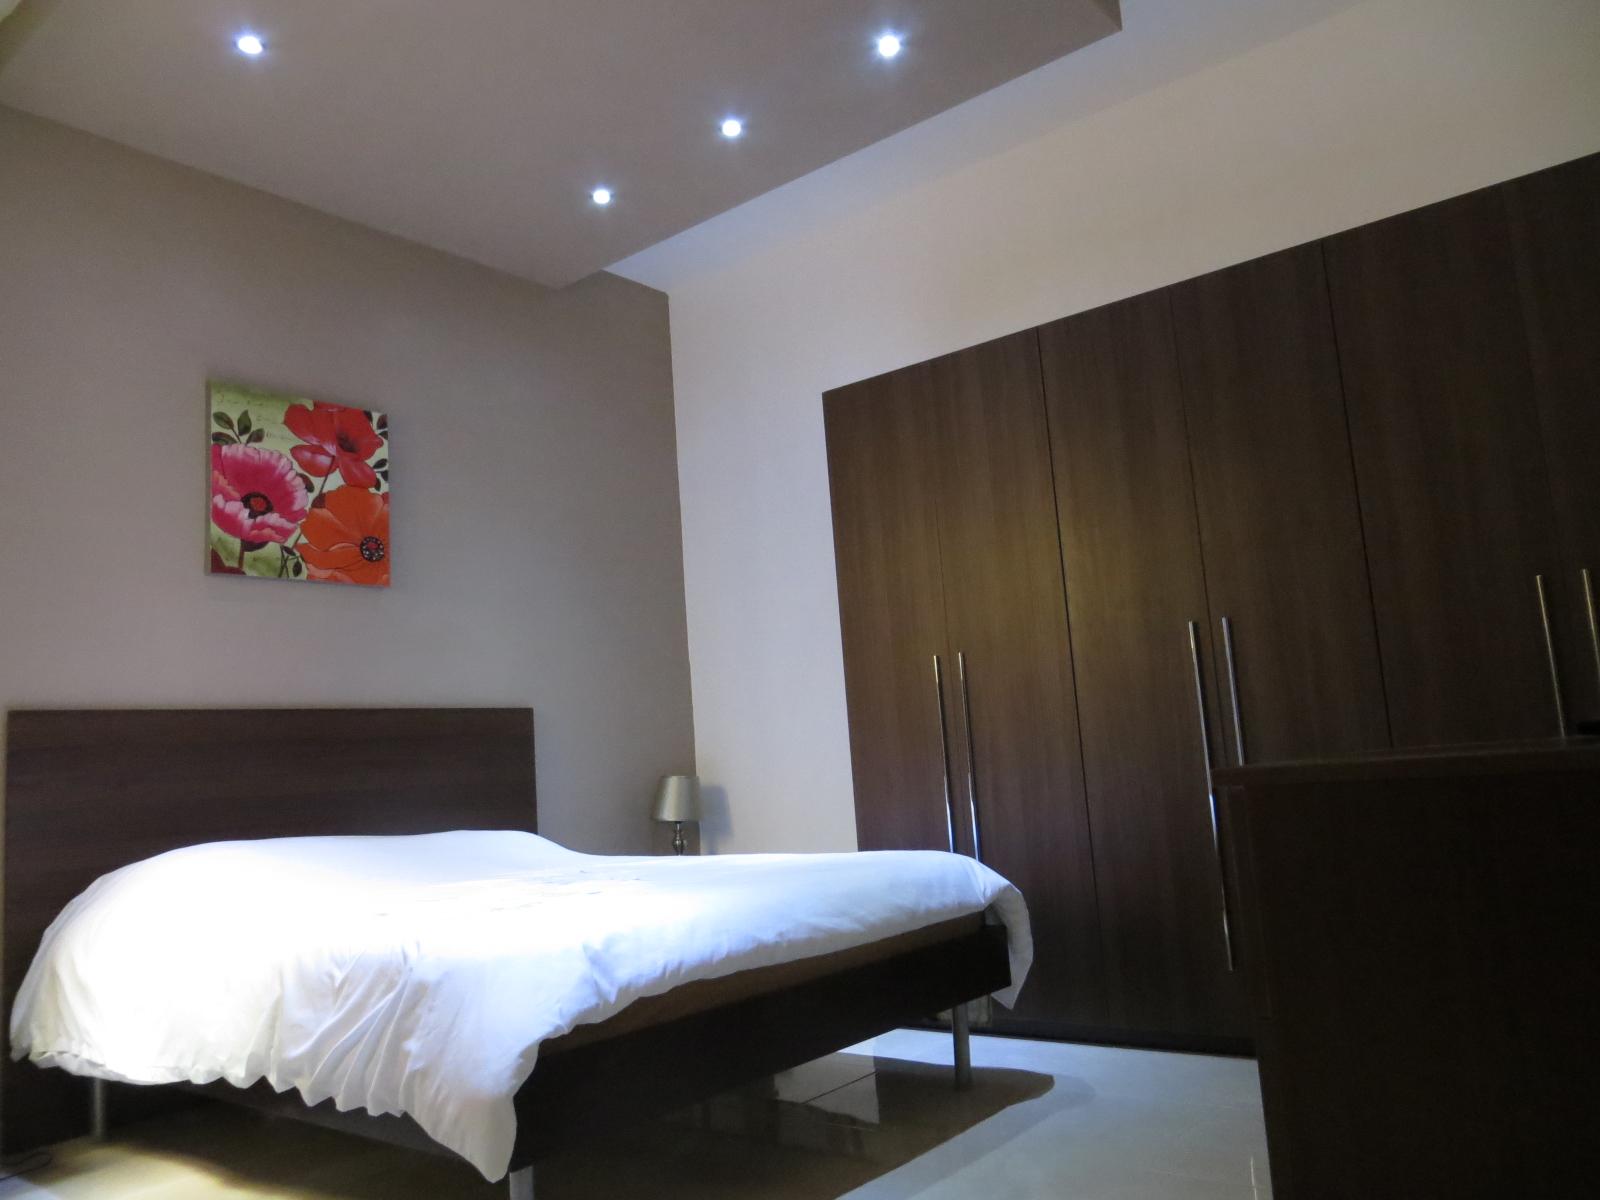 3-Bed Apartment in Rabat, Malta